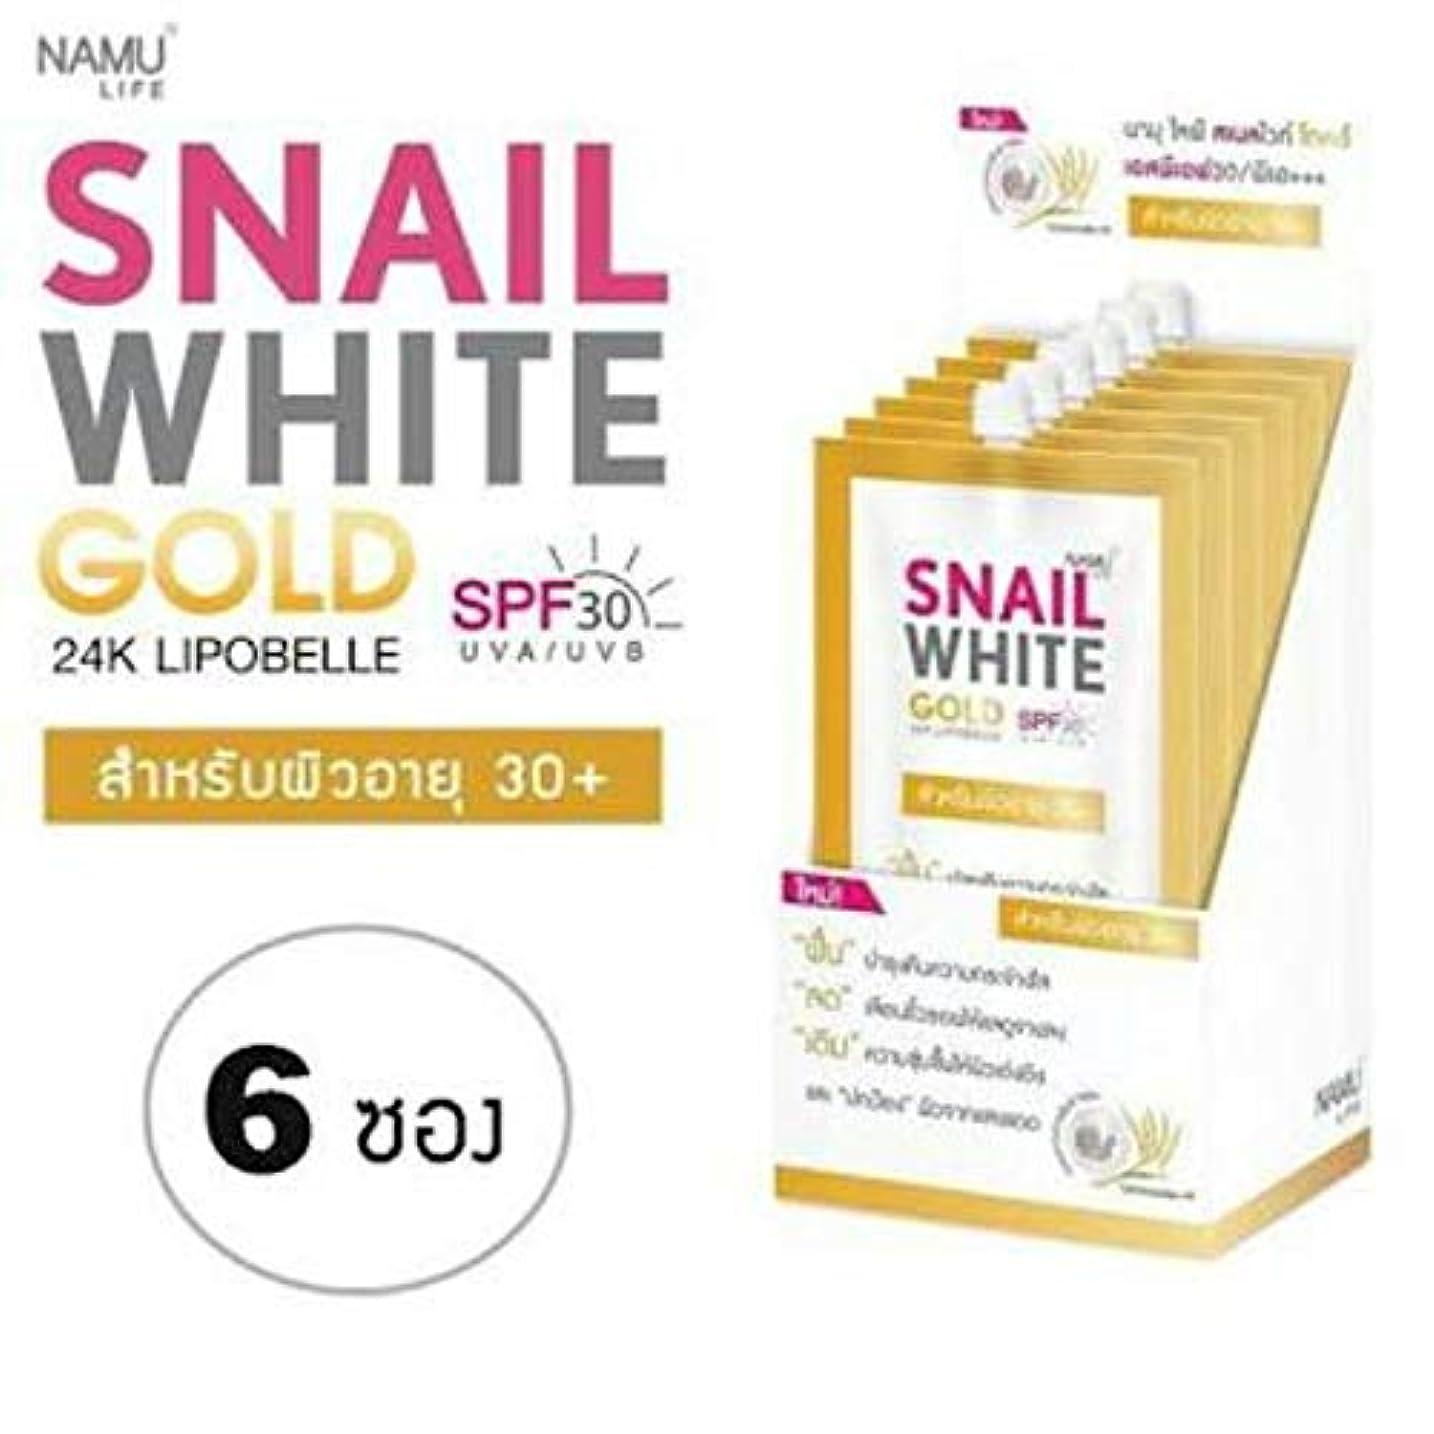 序文待つヒゲクジラ2個スネールホワイト ナムライフ ホイップソープ 2 x Snail White WHIPP SOAP Namu life Whitening 100g ++ FREE SNAIL WHITE GOLD CREAM 7ML